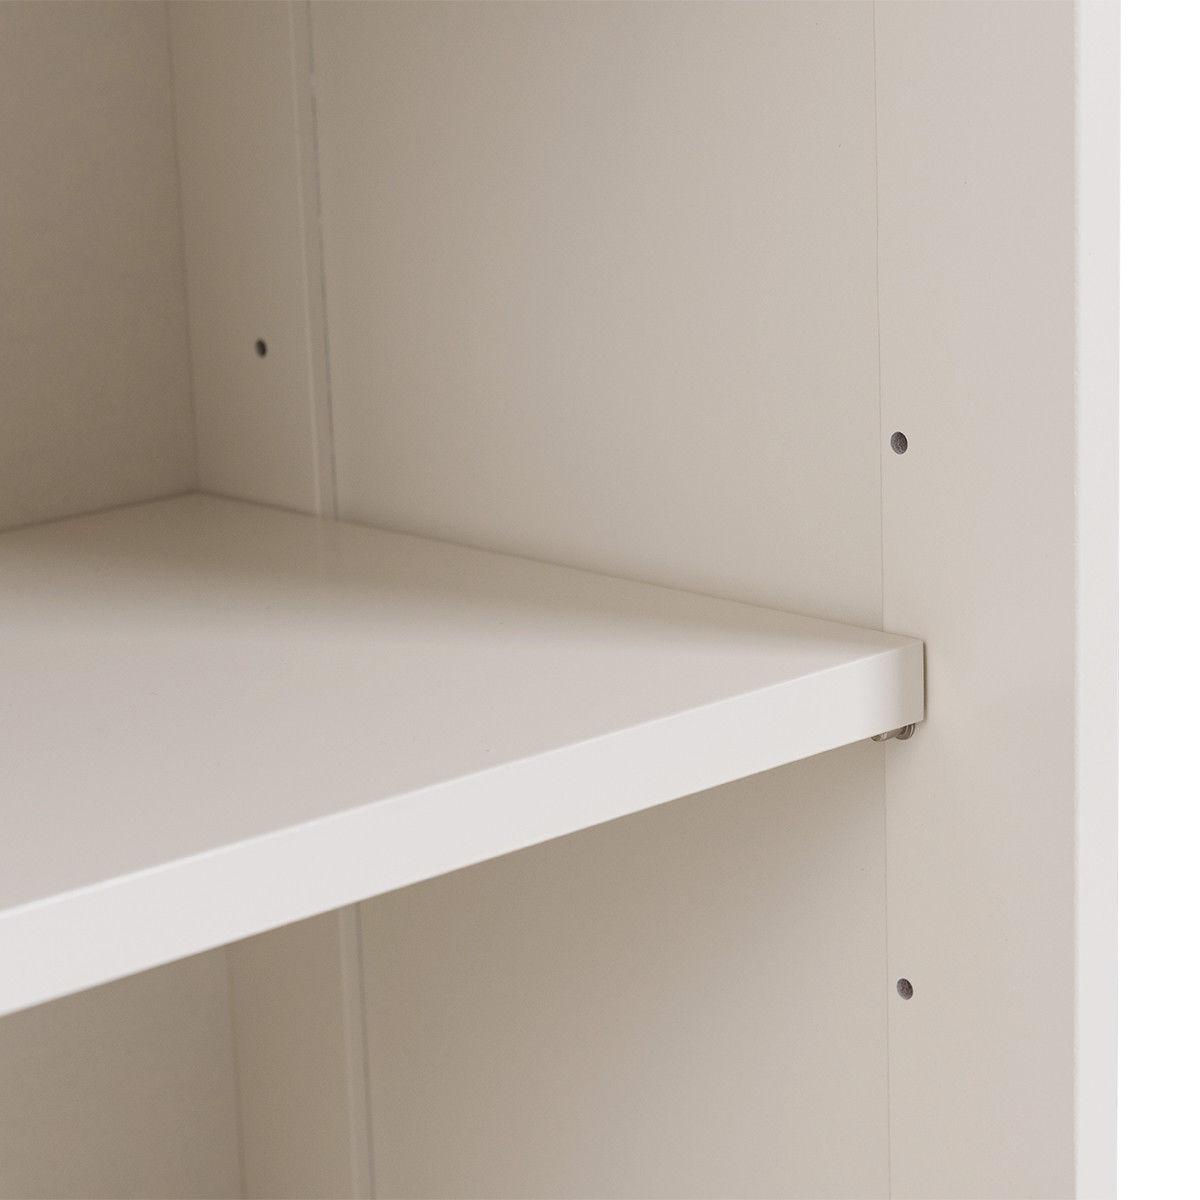 Kitchen Storage Cabinet with Glass Sliding Door